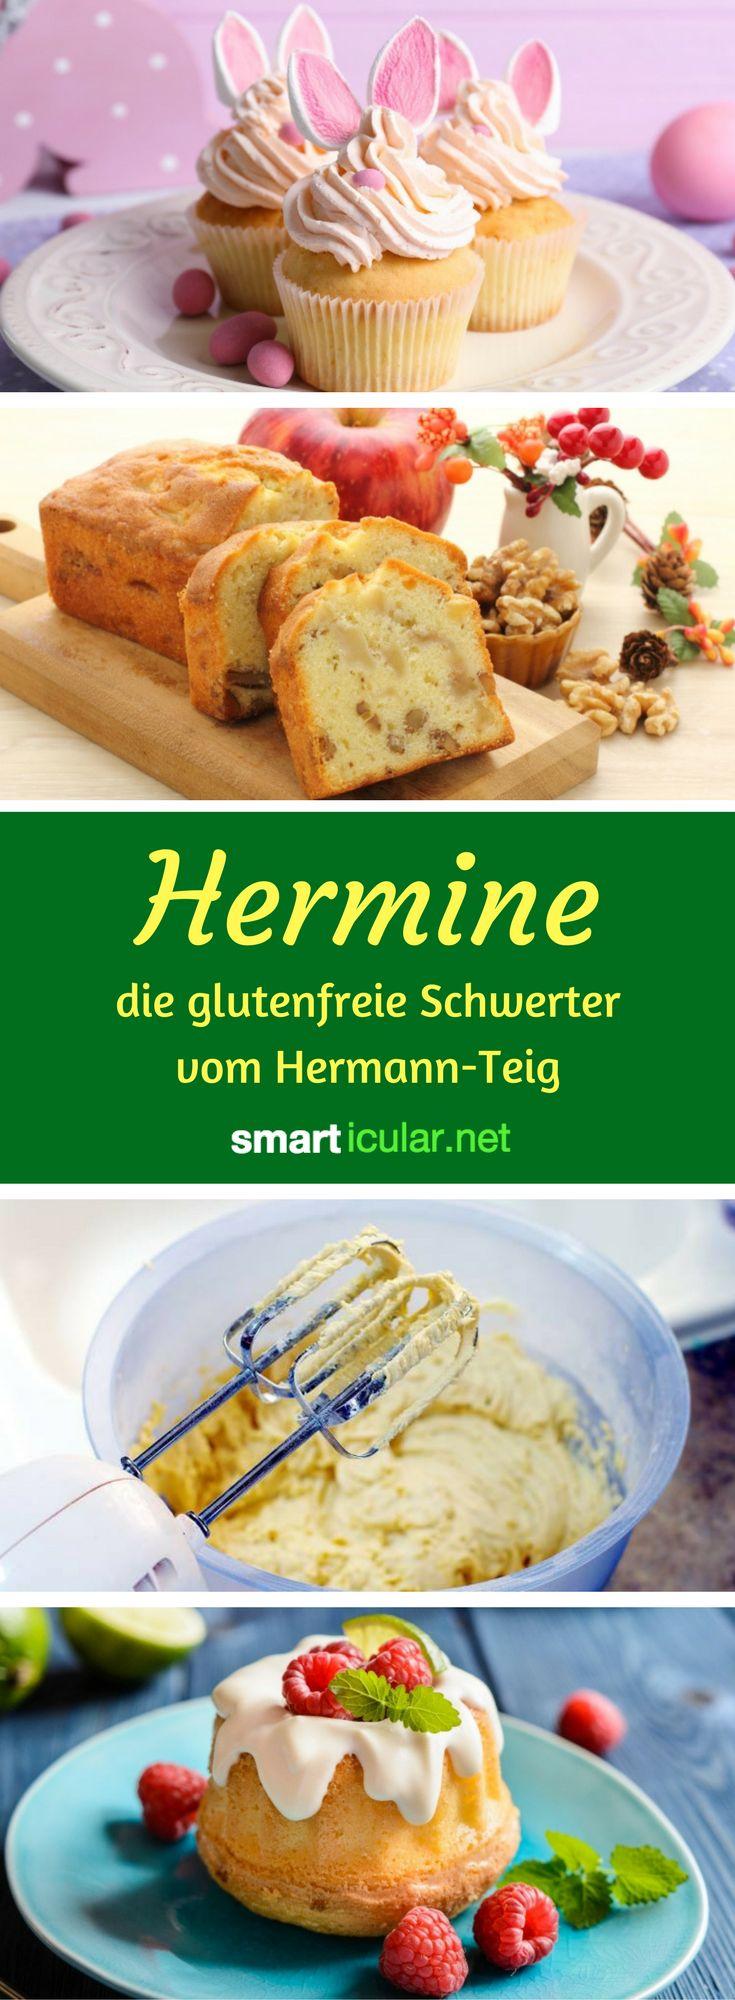 """Erinnerst du dich an Hermann, den selbst vermehrenden Kuchenteig zum Backen und Verschenken? Mit diesem Rezept kannst du """"Hermine"""" glutenfrei selber machen!"""